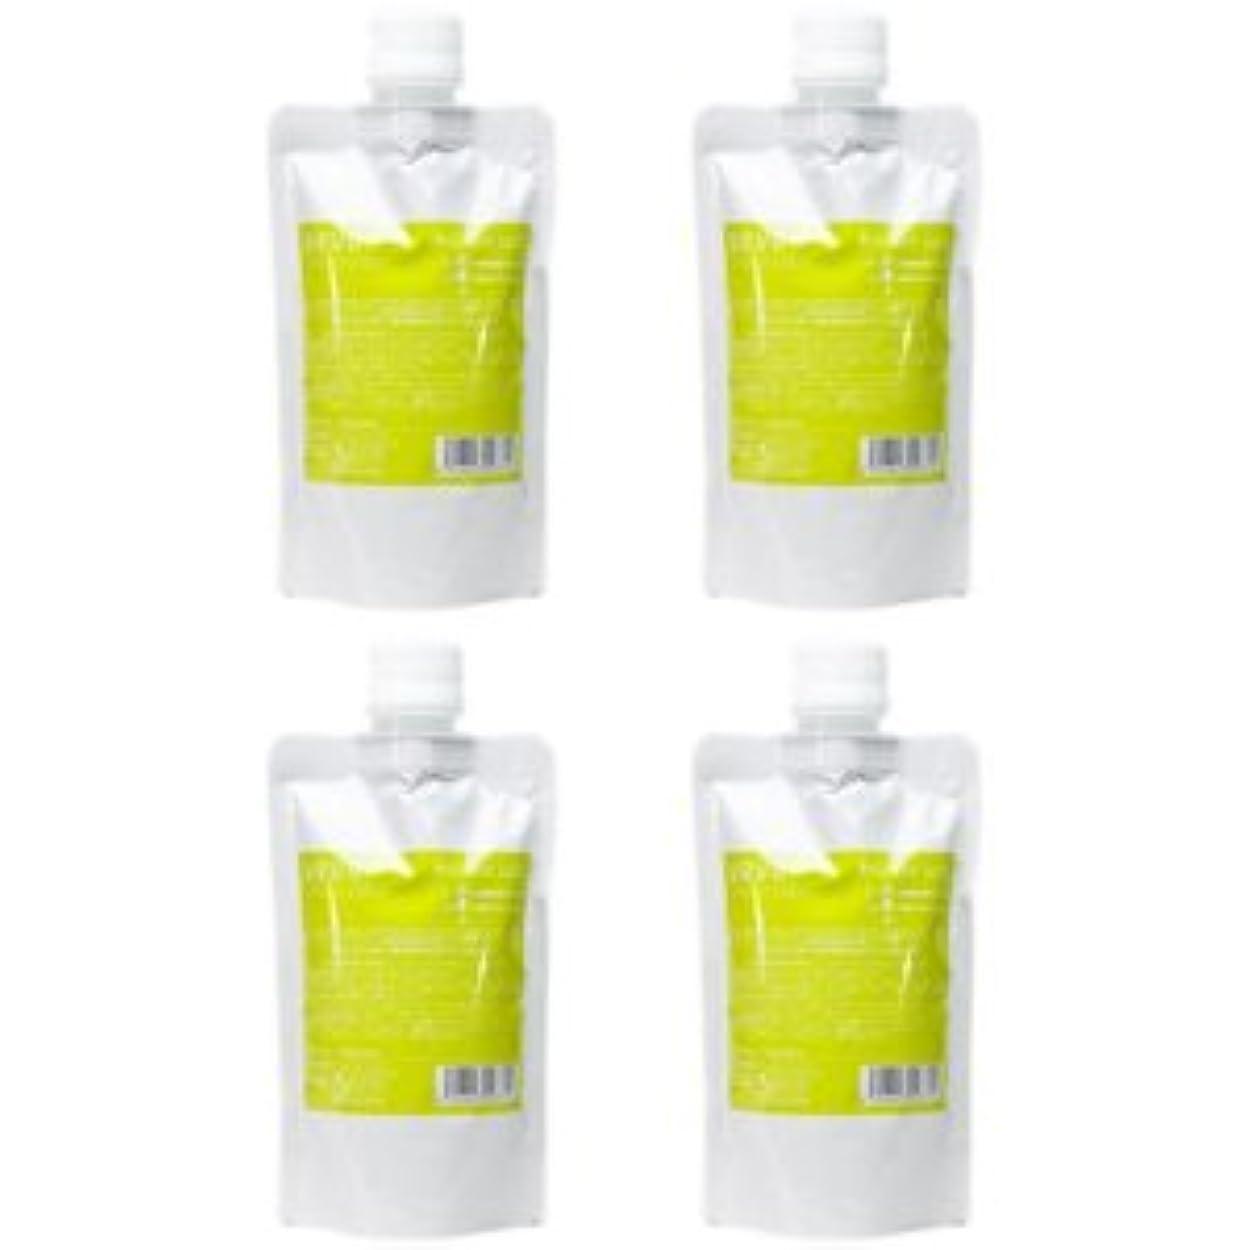 ショット遵守する分類【X4個セット】 デミ ウェーボ デザインキューブ エアルーズワックス 200g 業務用 airloose wax DEMI uevo design cube